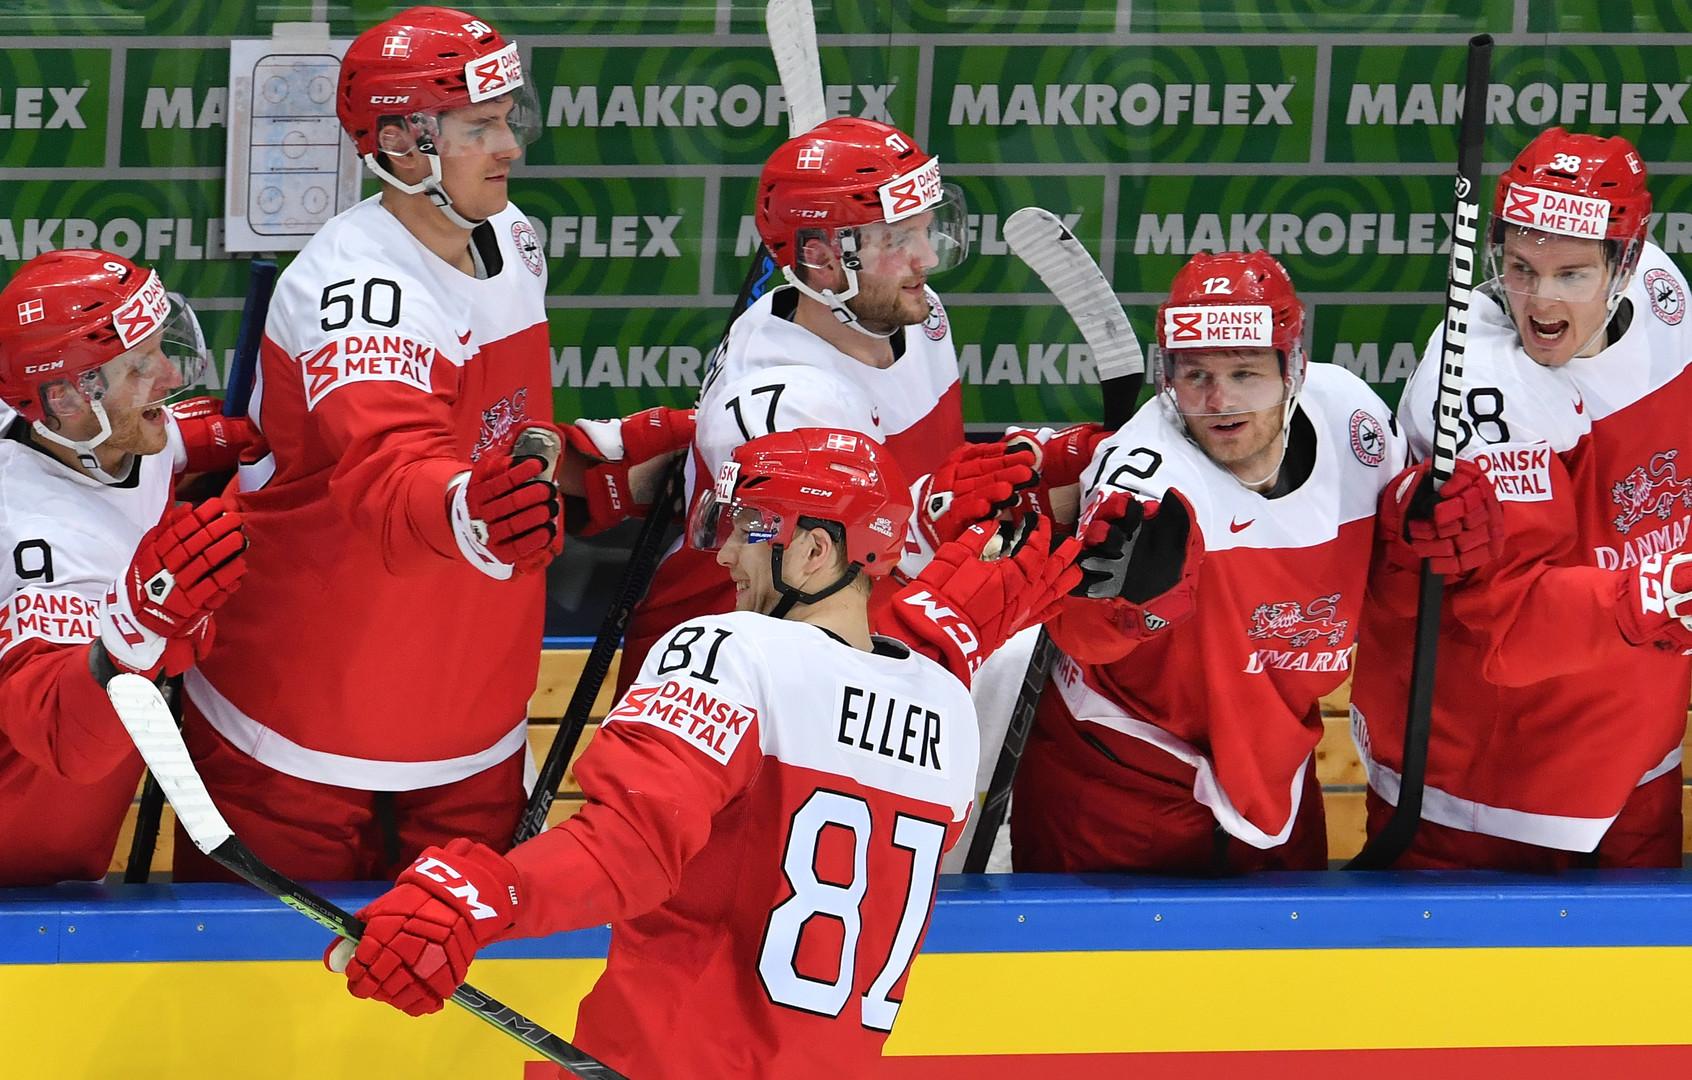 Хоккей на Куличках : Новости хоккея : Олимпийские игры ...